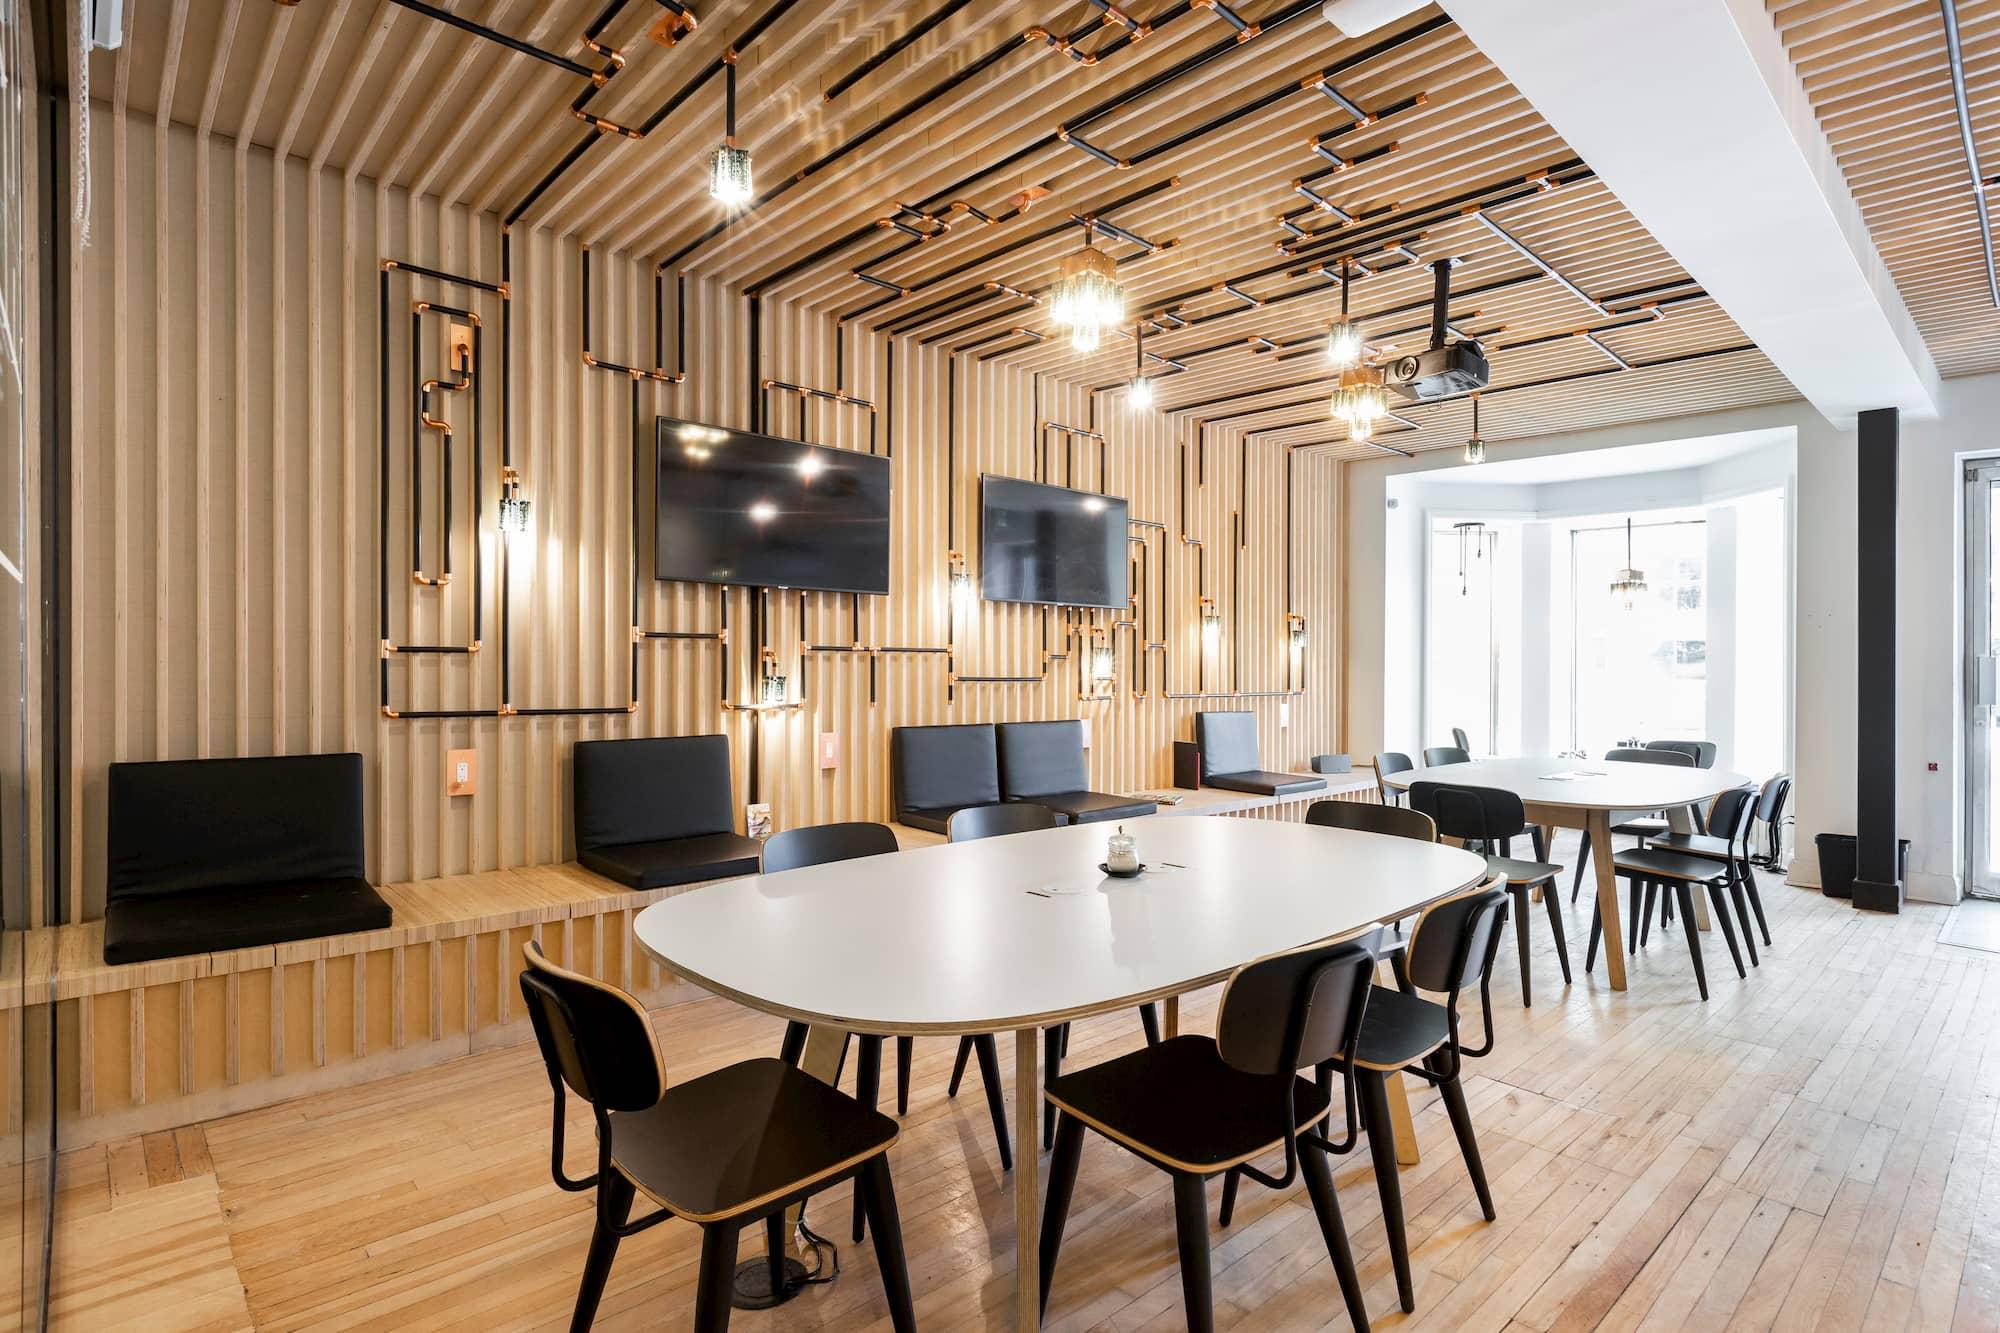 aménagement design d'un café avec tables pâles et chaises noires